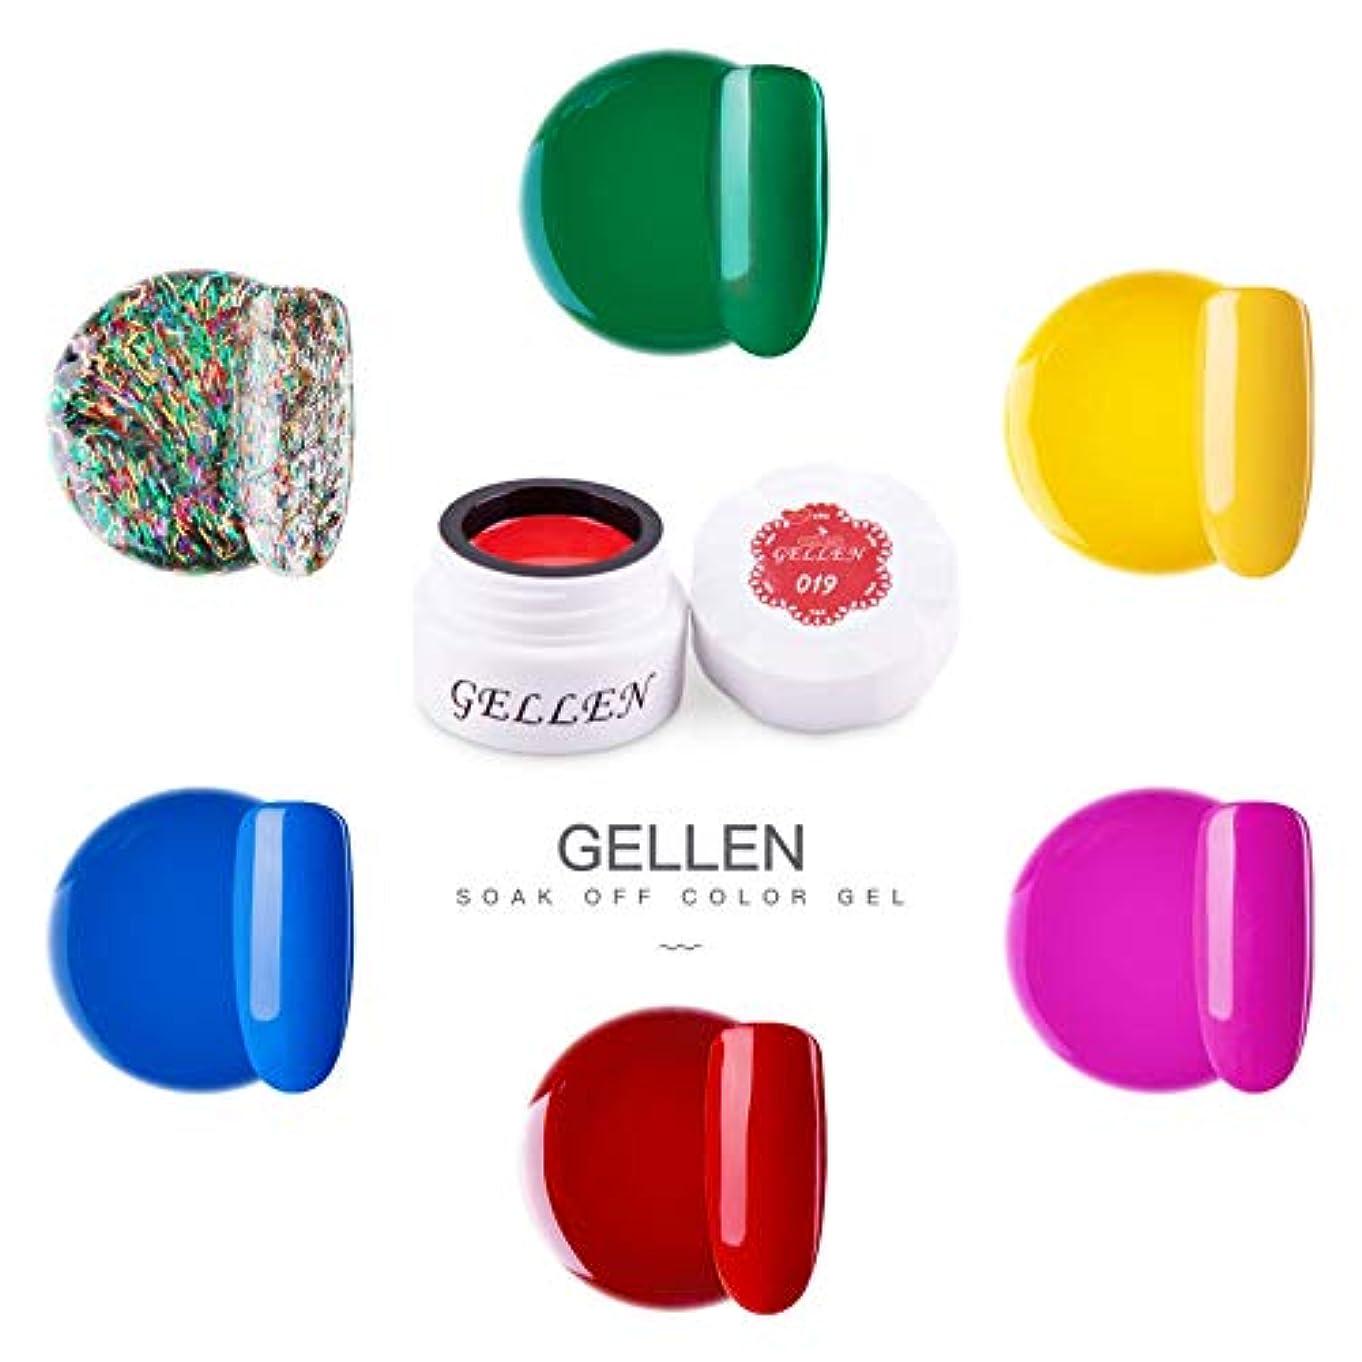 栄光クリケット写真撮影Gellen カラージェル 6色 セット[ネオン カラー系]高品質 5g ジェルネイル カラー ネイルブラシ付き